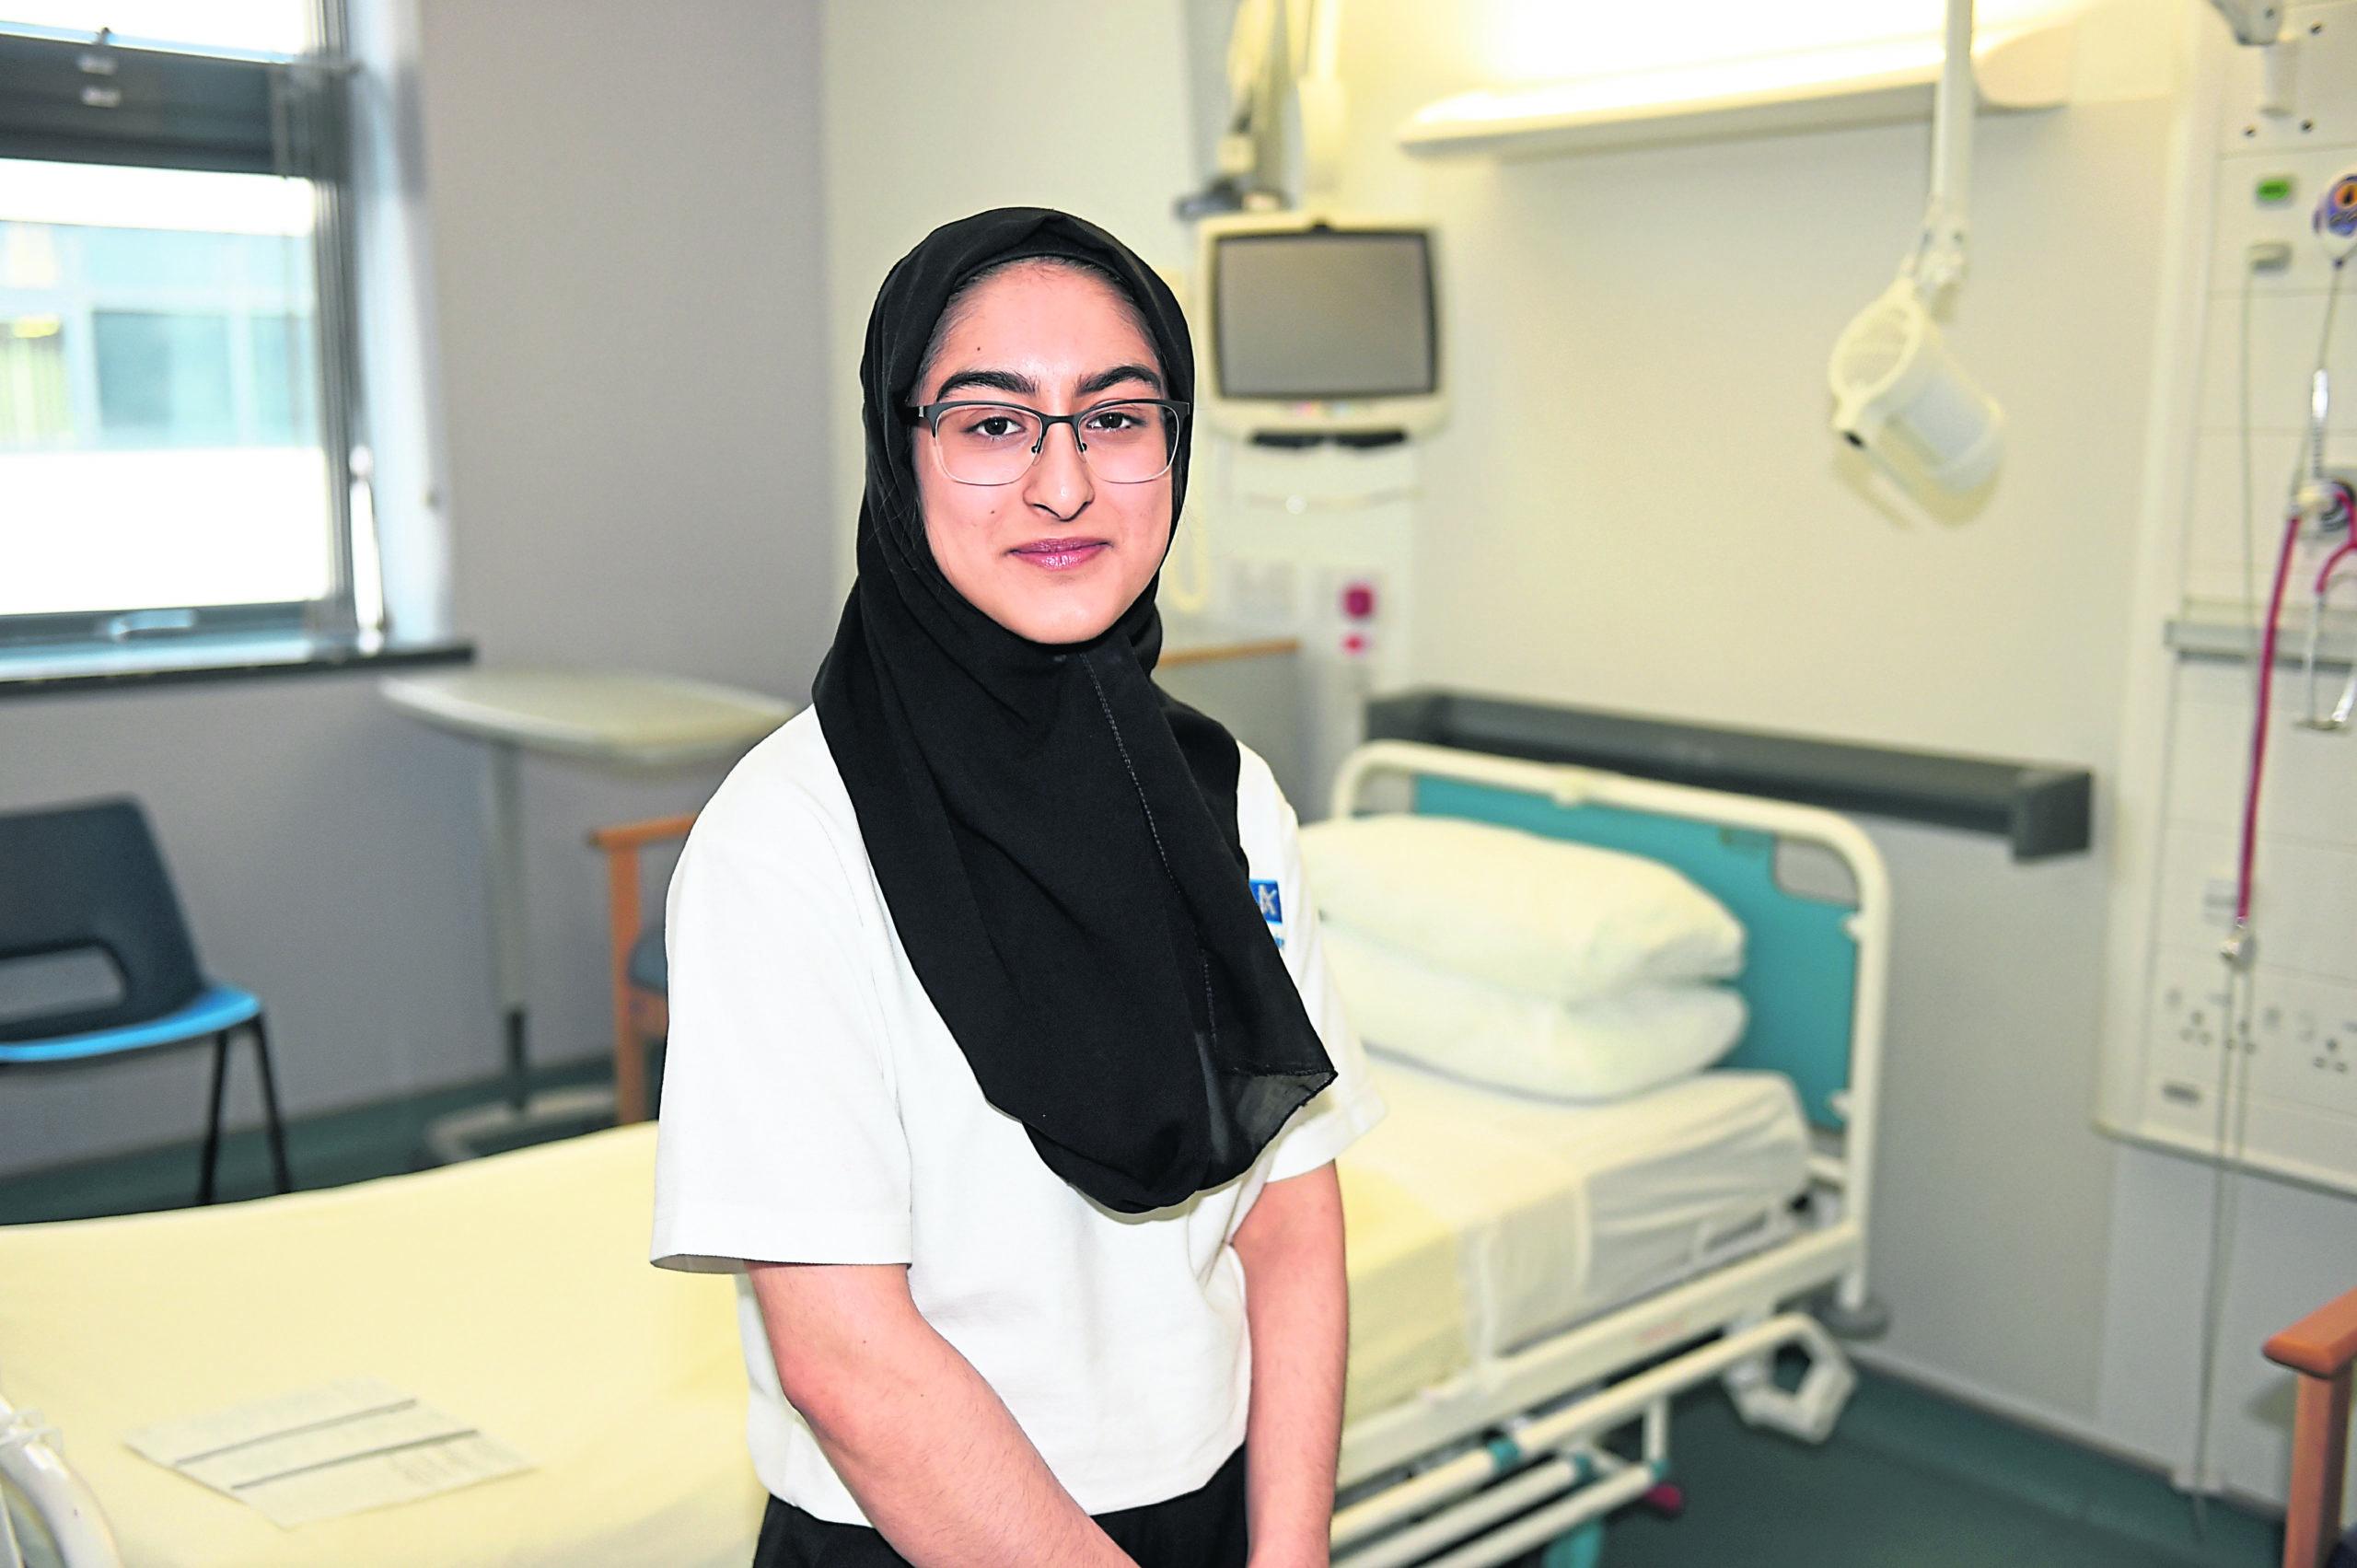 Apprentice Samika Ali Picture by Paul Glendell